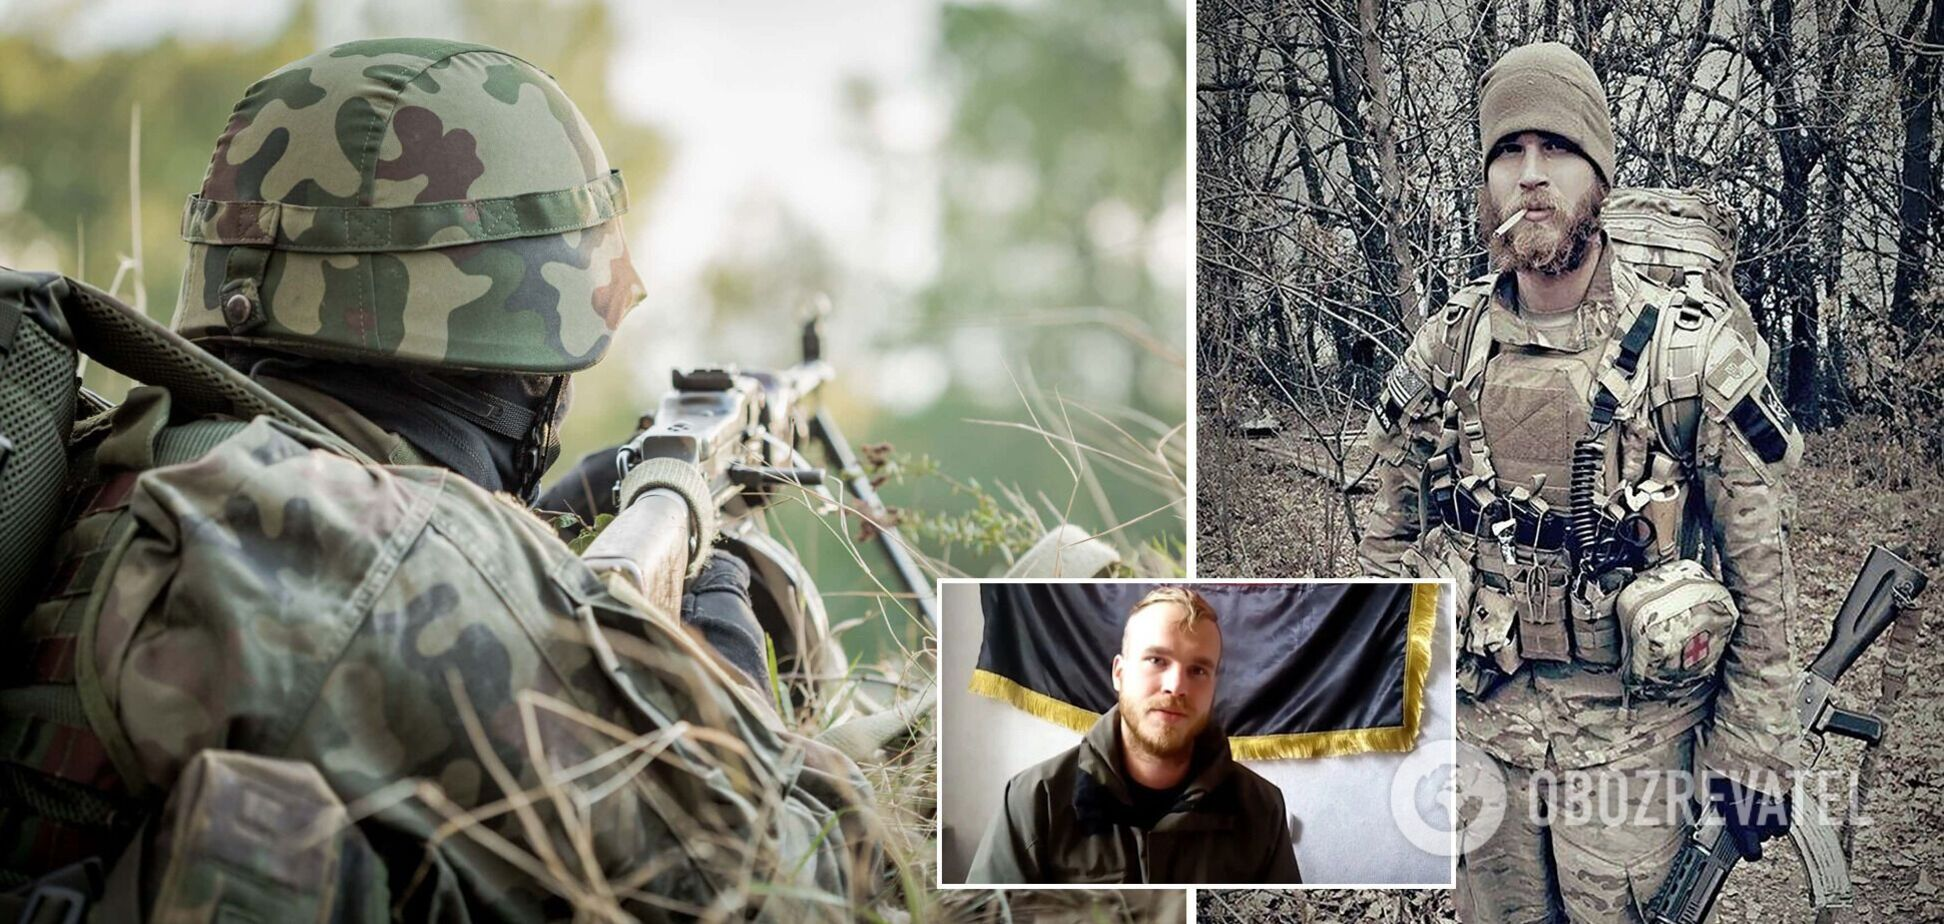 Ветерана войны на Донбассе обвинили в двойном убийстве в США: ему грозит смертная казнь